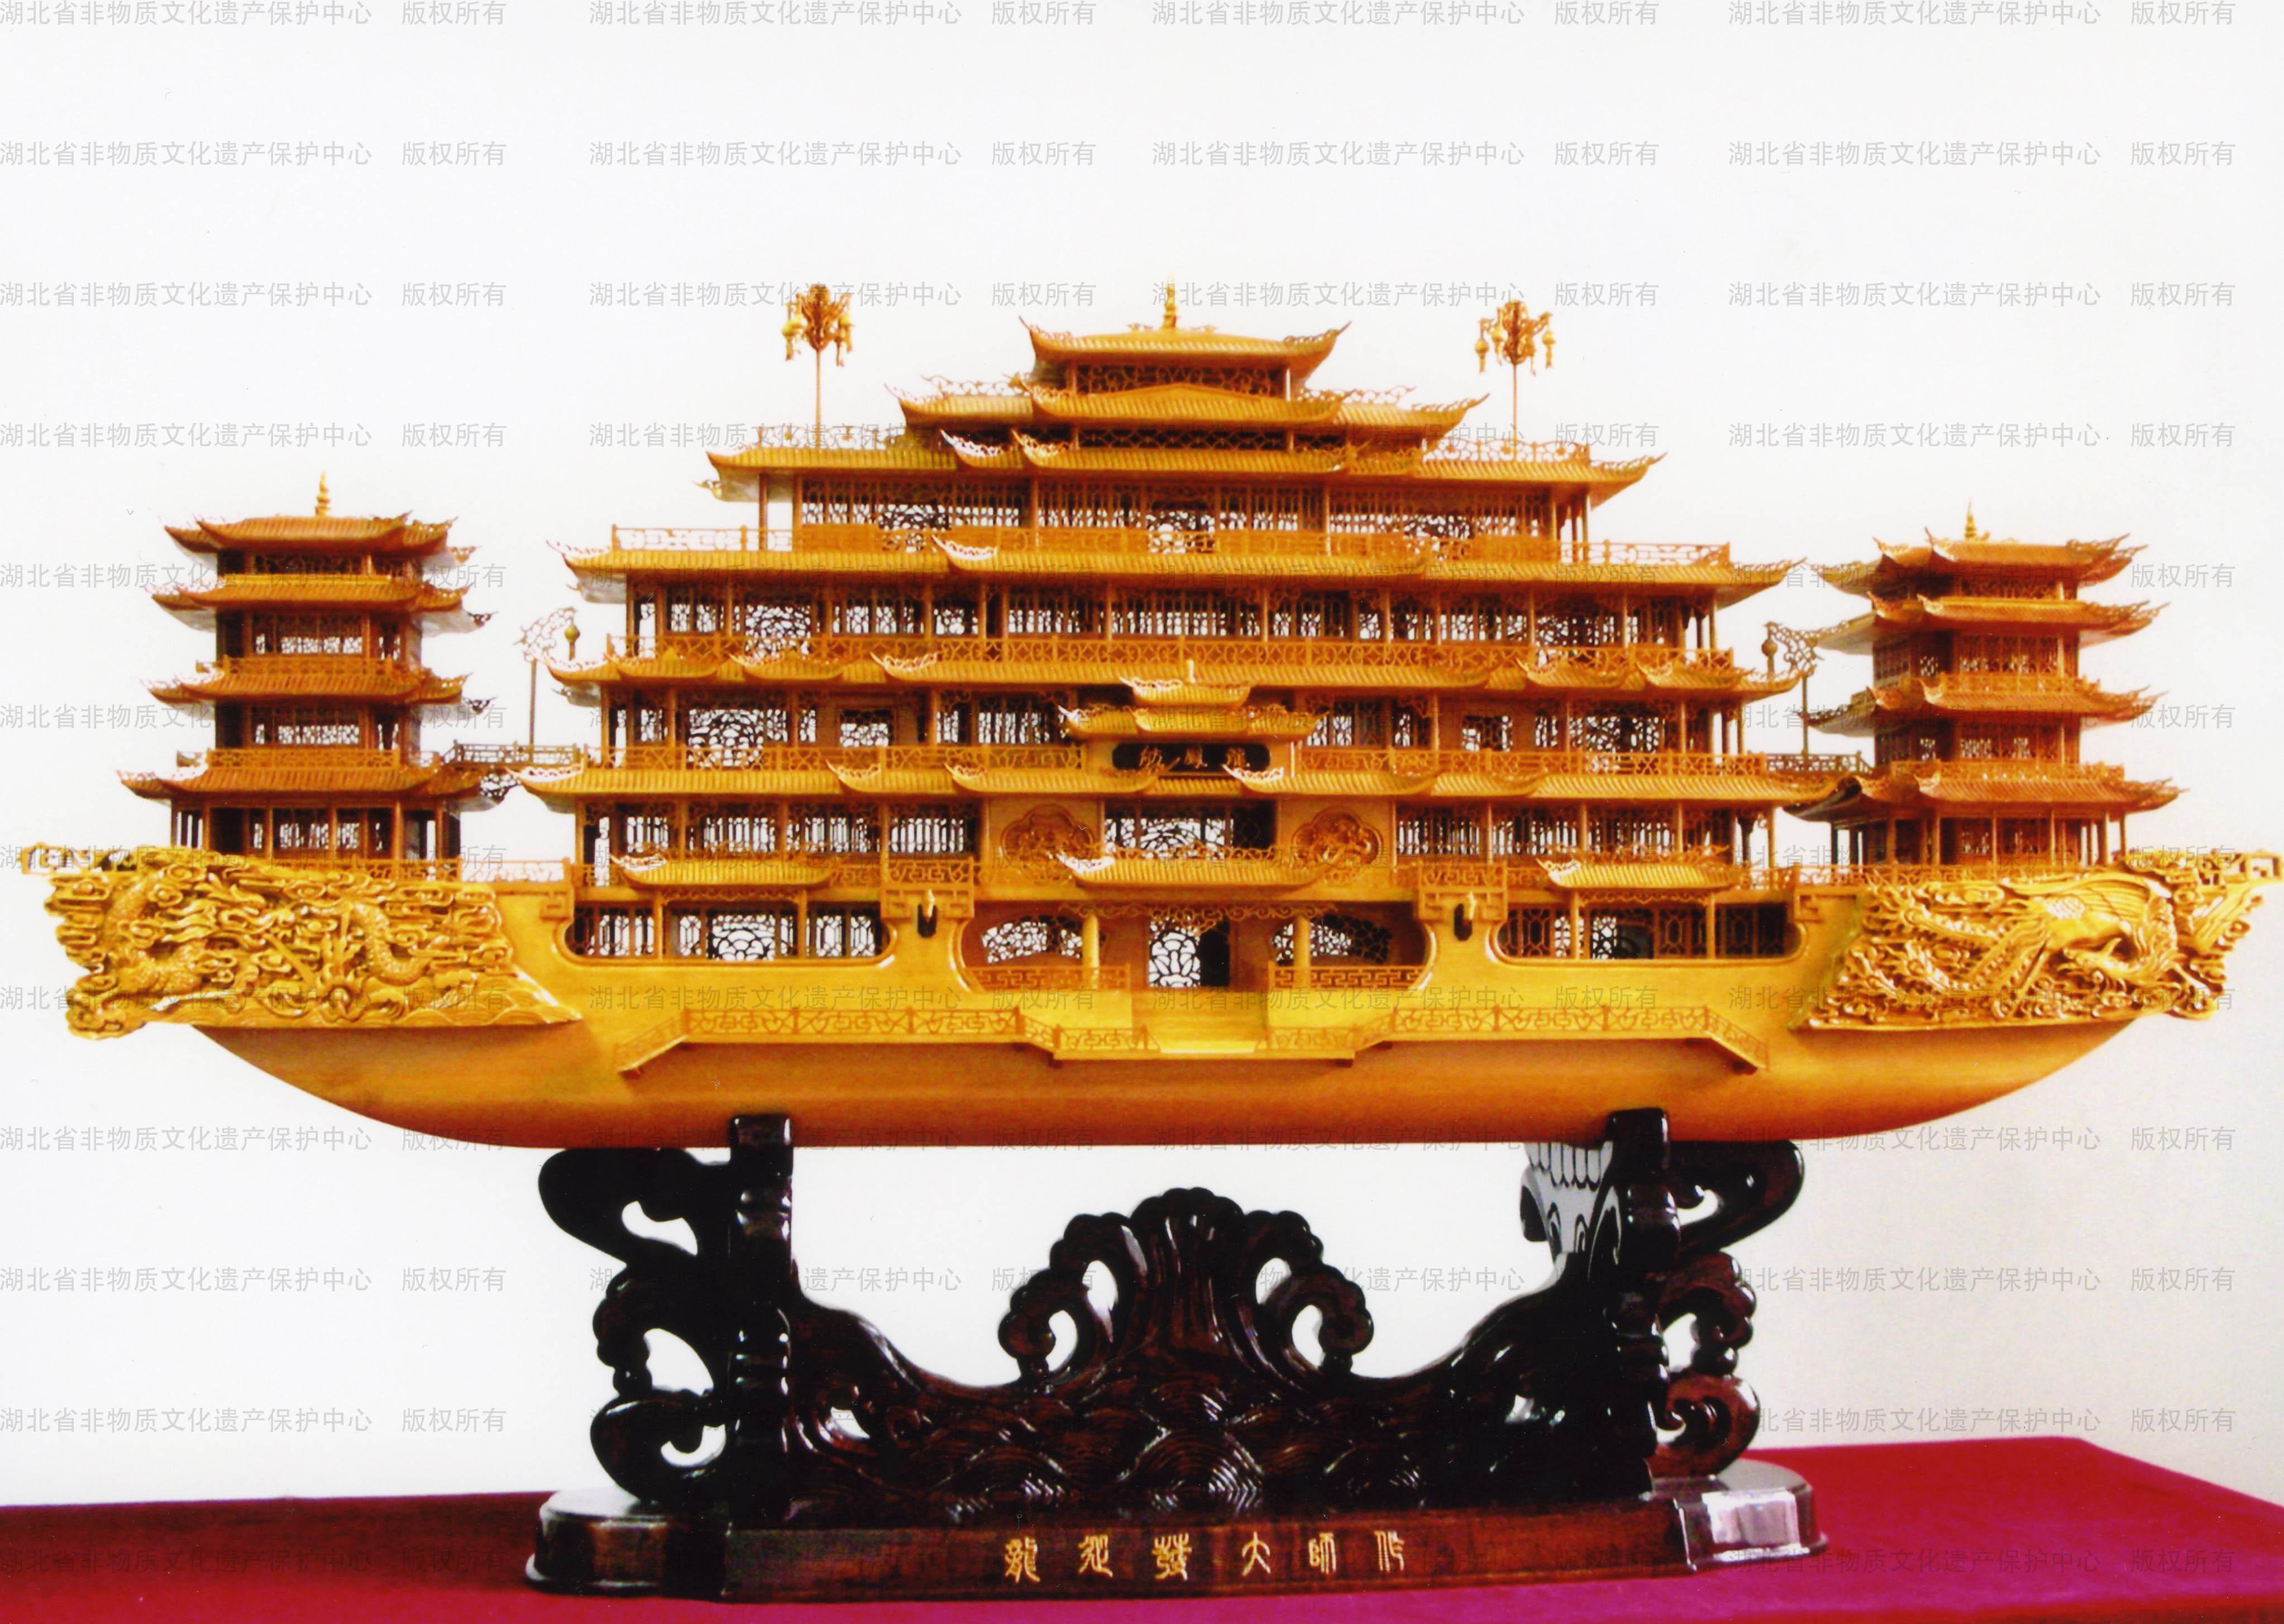 武汉木雕船模不仅具有观赏价值